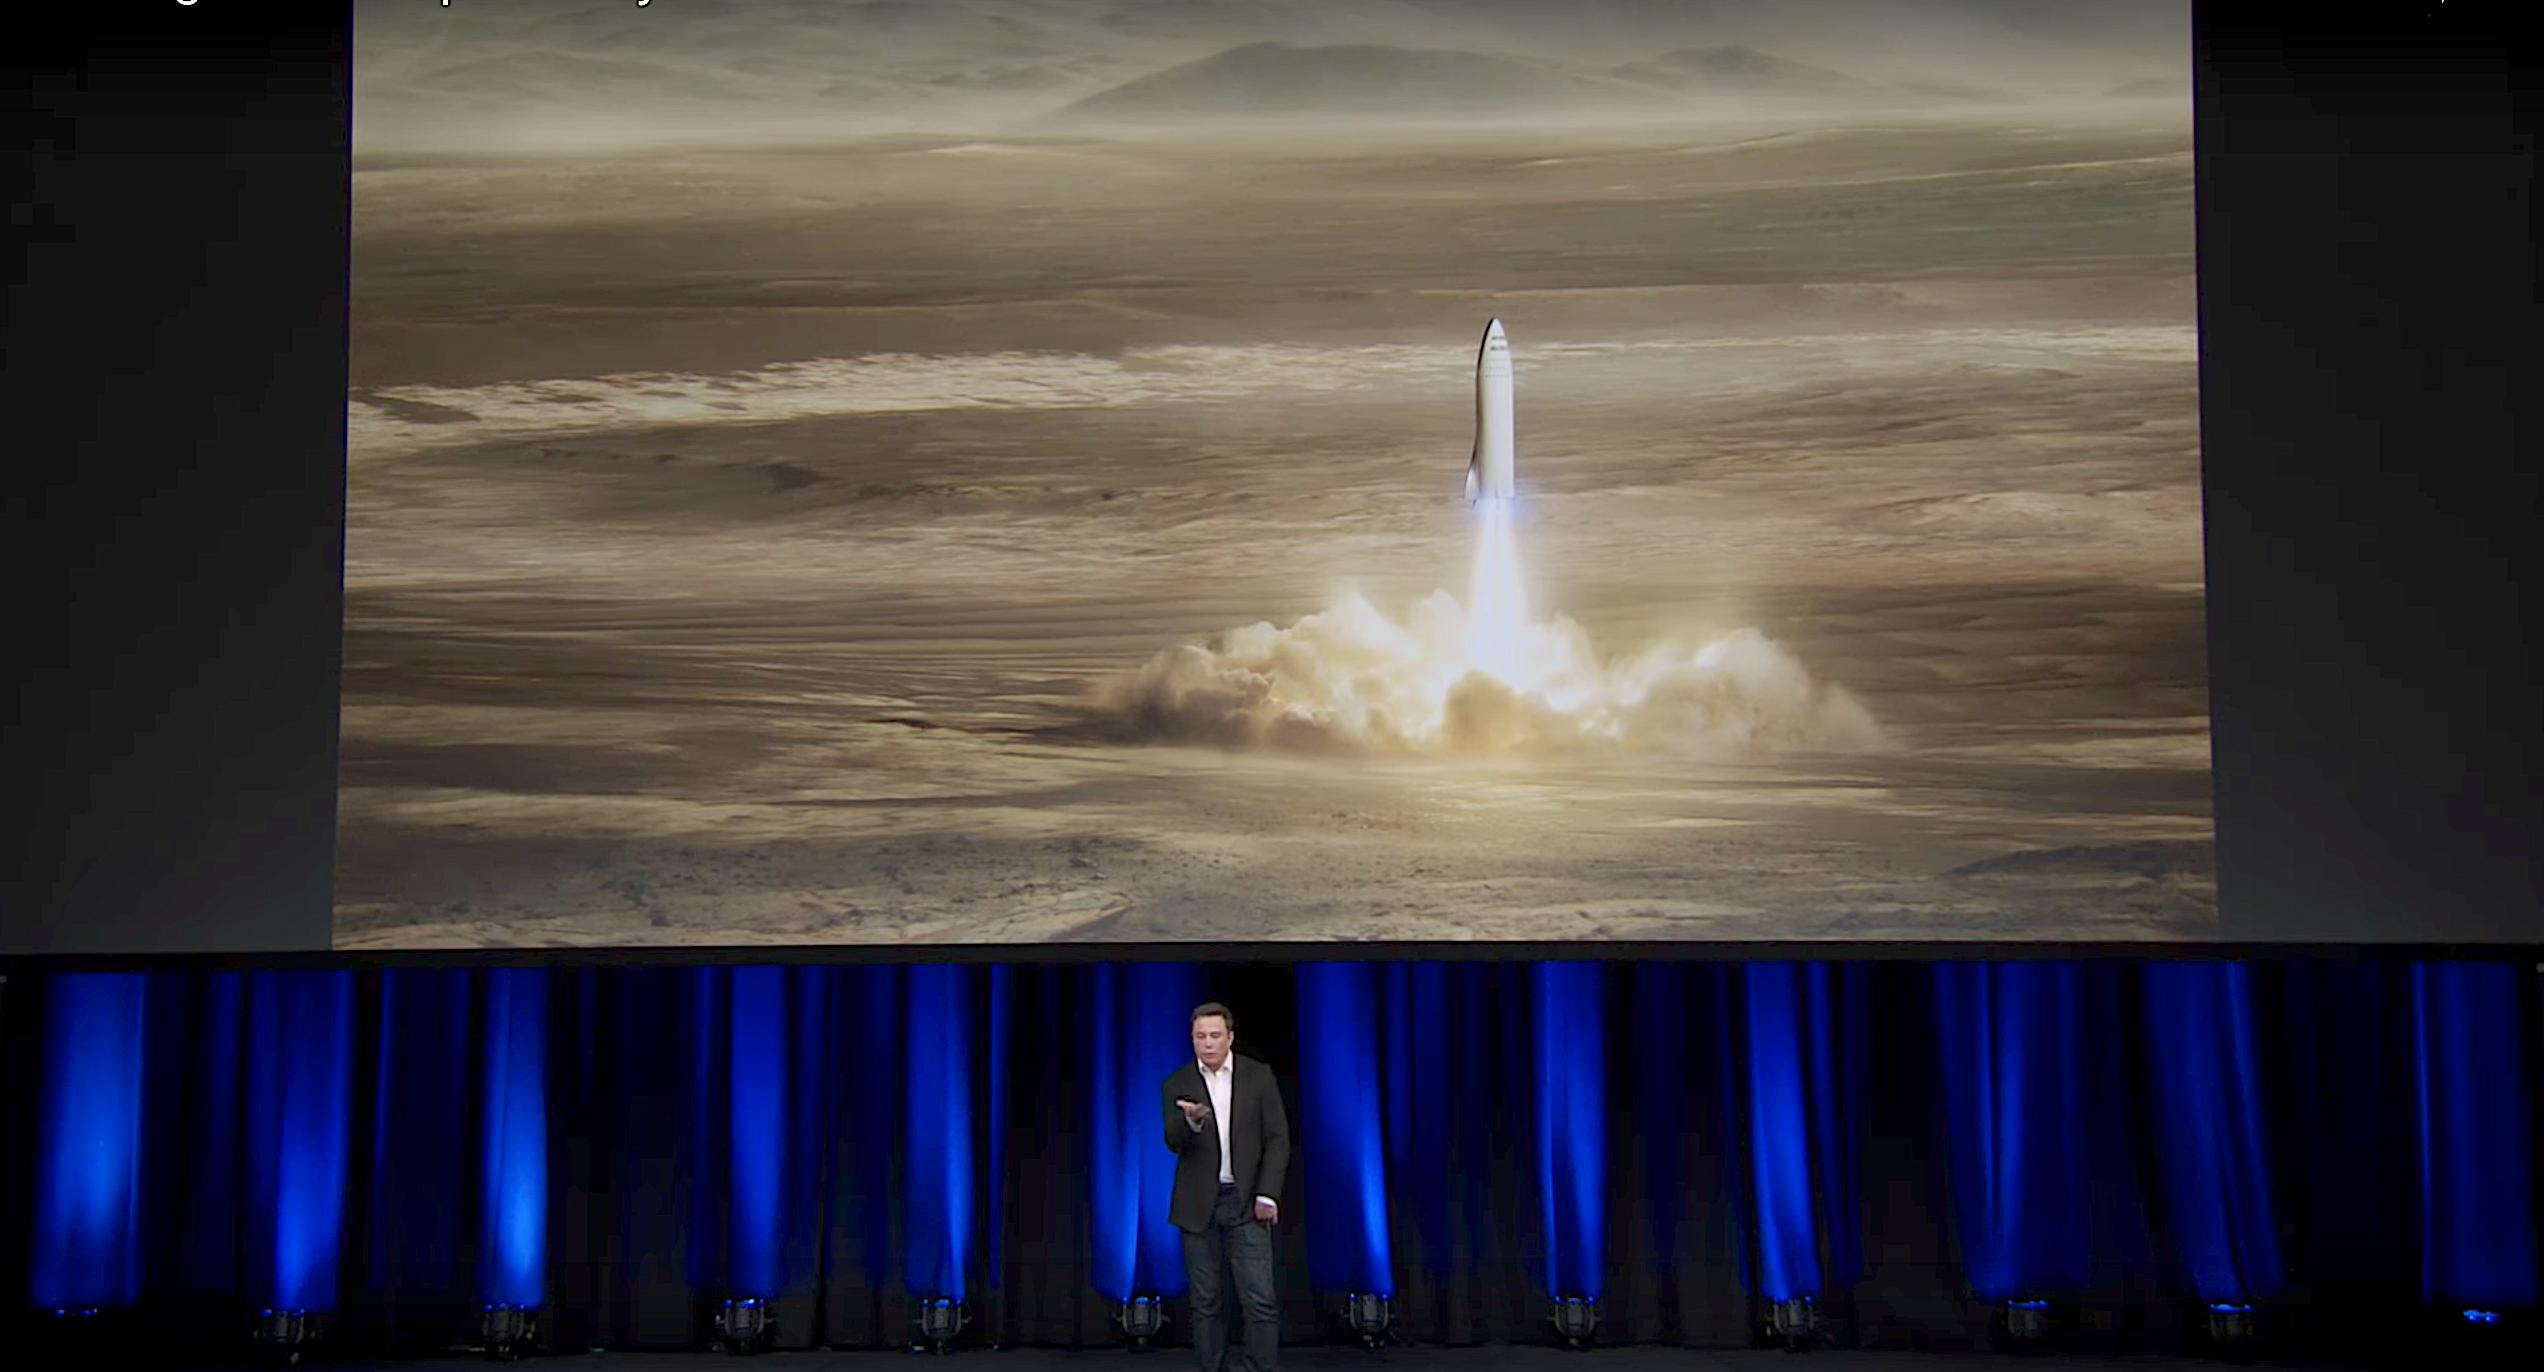 Илон Маск рассказал о полете на Марс и межпланетной транспортной системе - 1